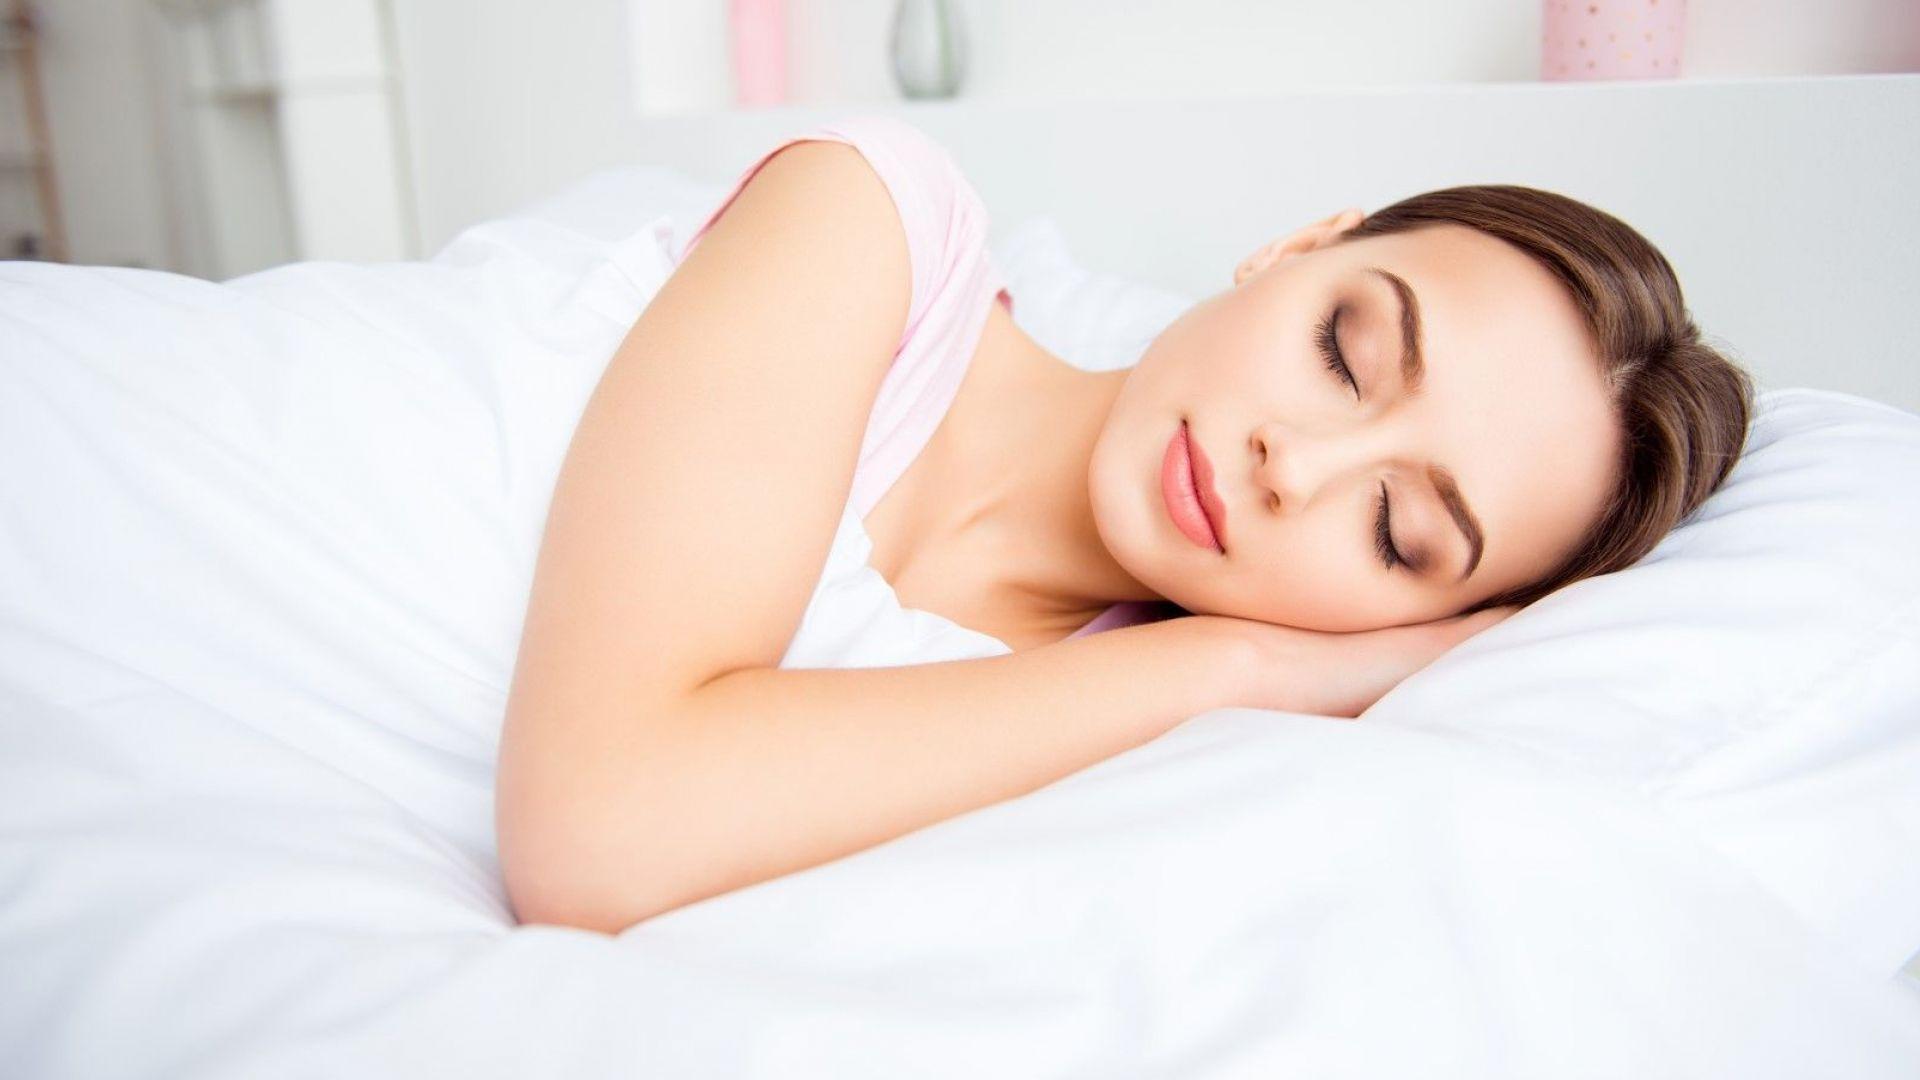 Критичната граница за сън с грим е 15-20 минути